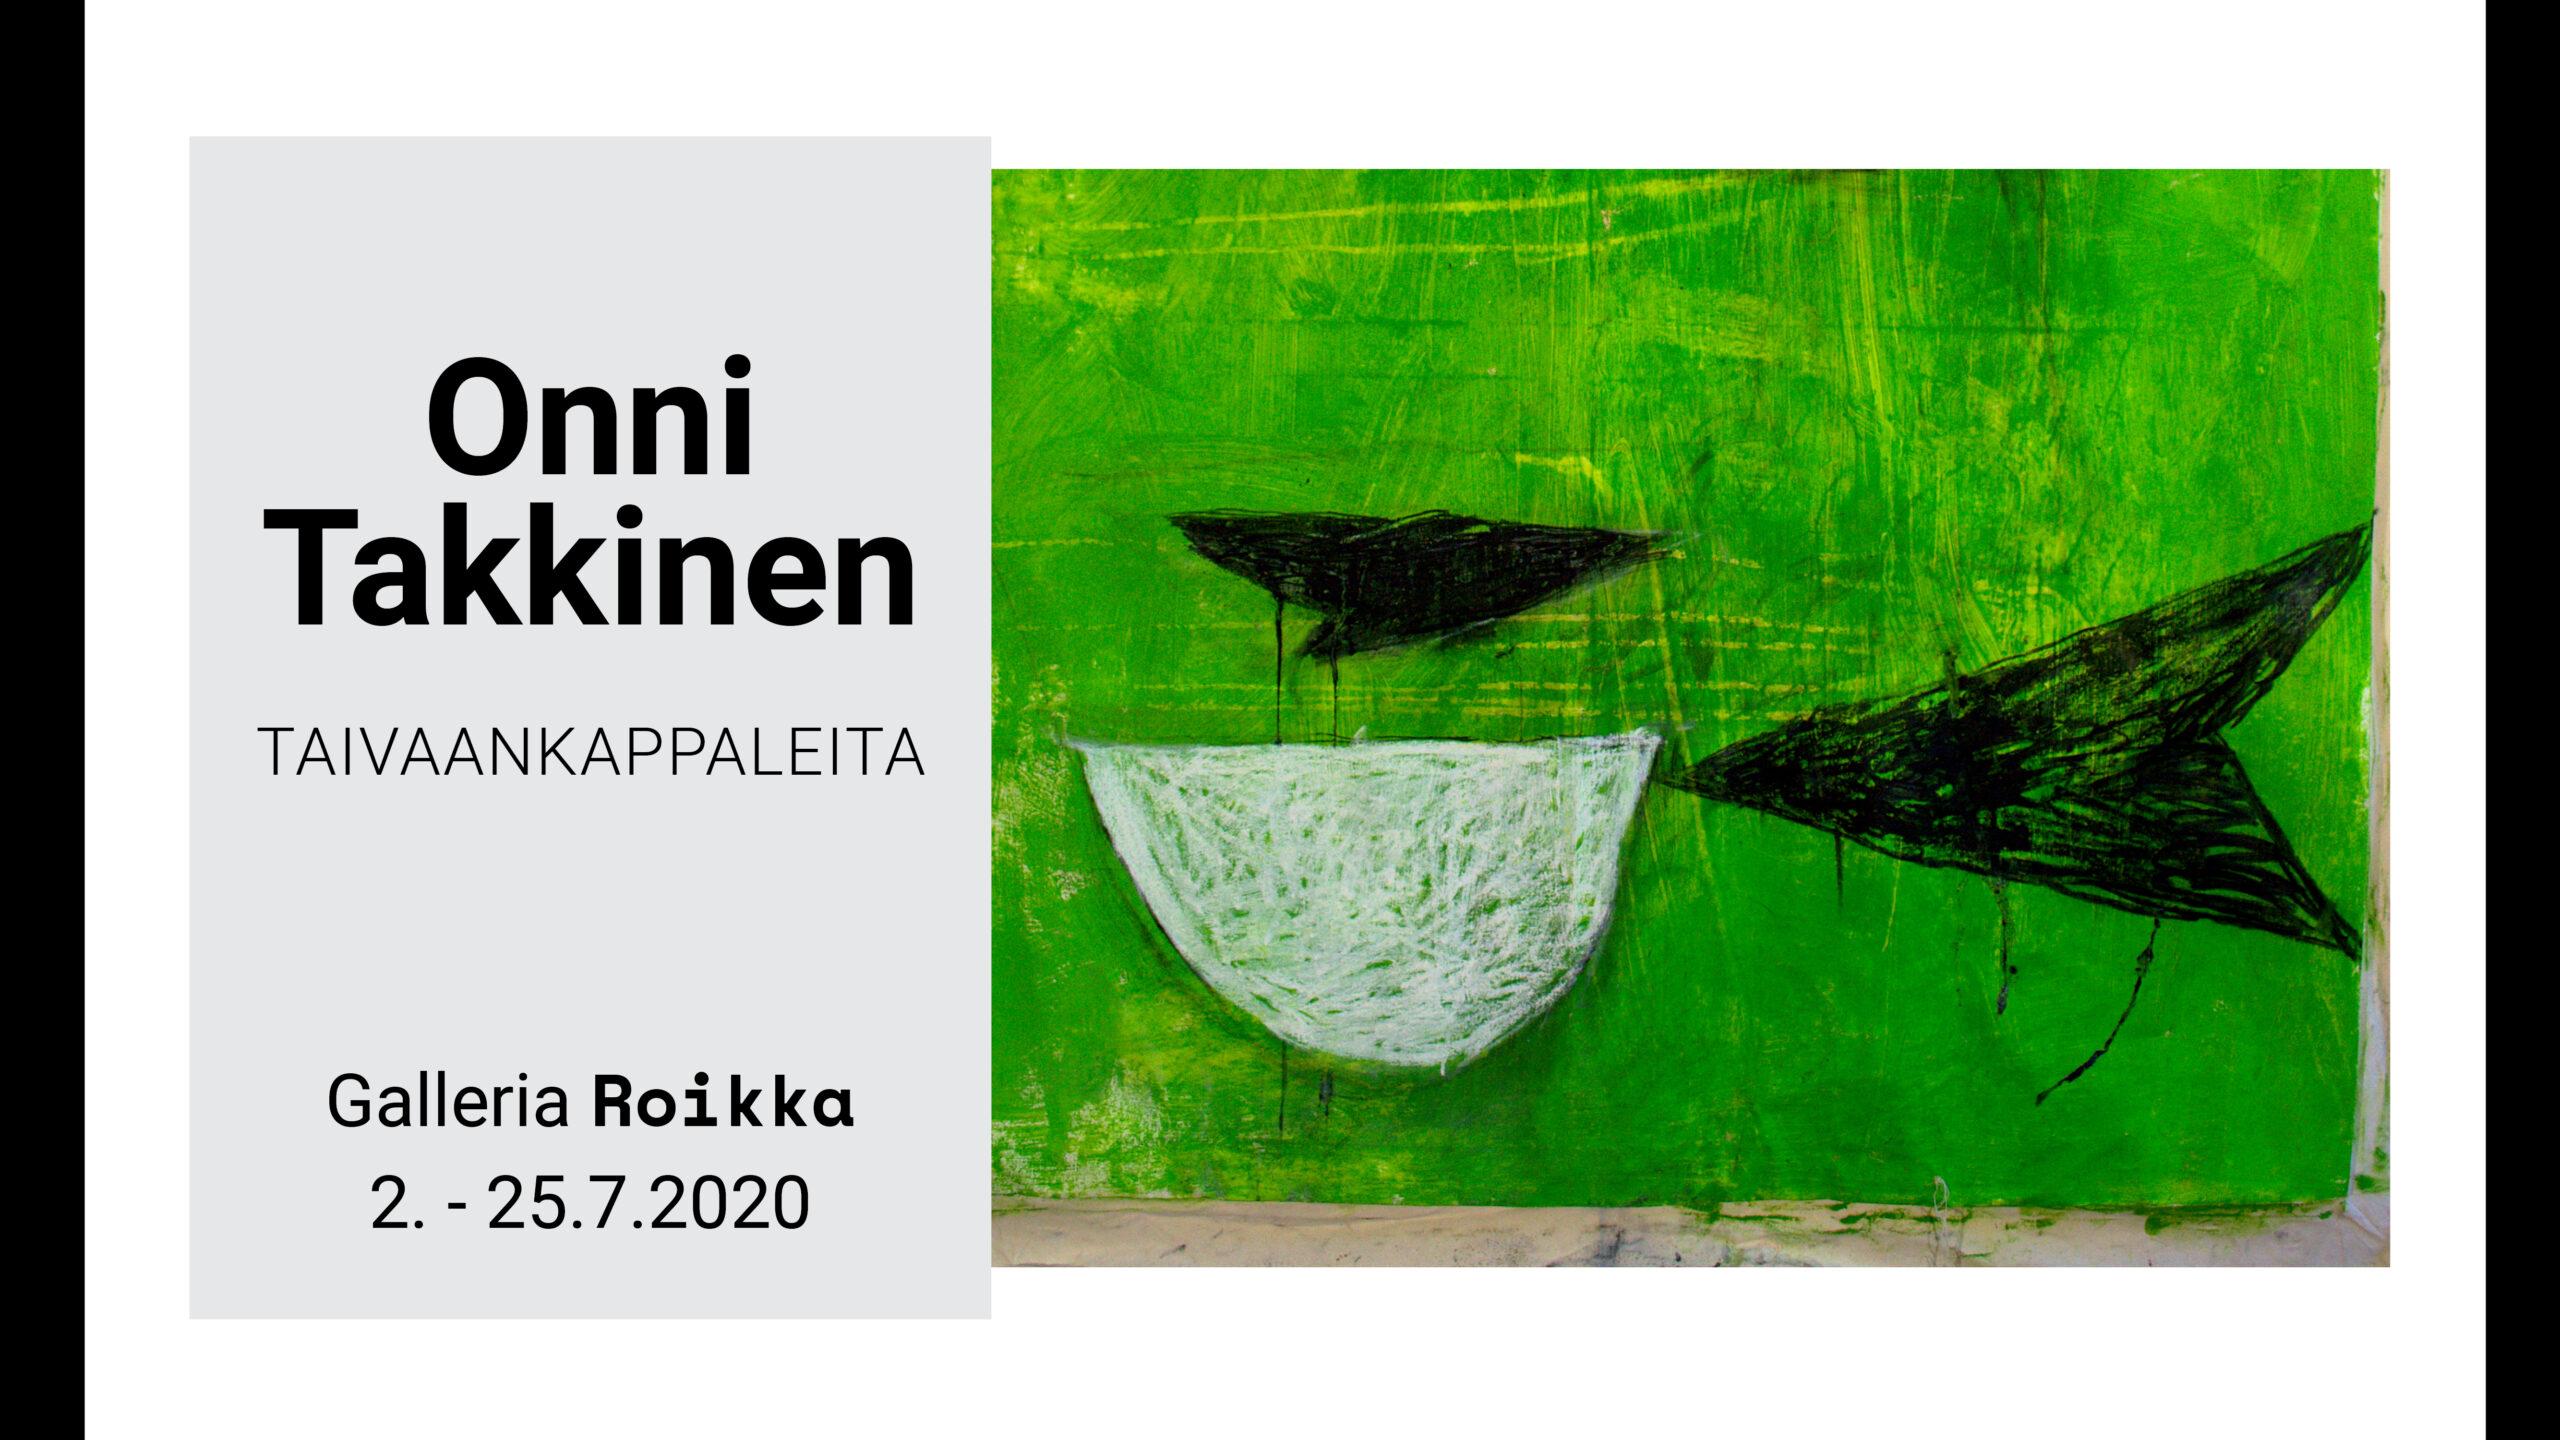 ROIKKA  – Onni Takkinen — Taivaankappaleita 2. – 25.7.2020